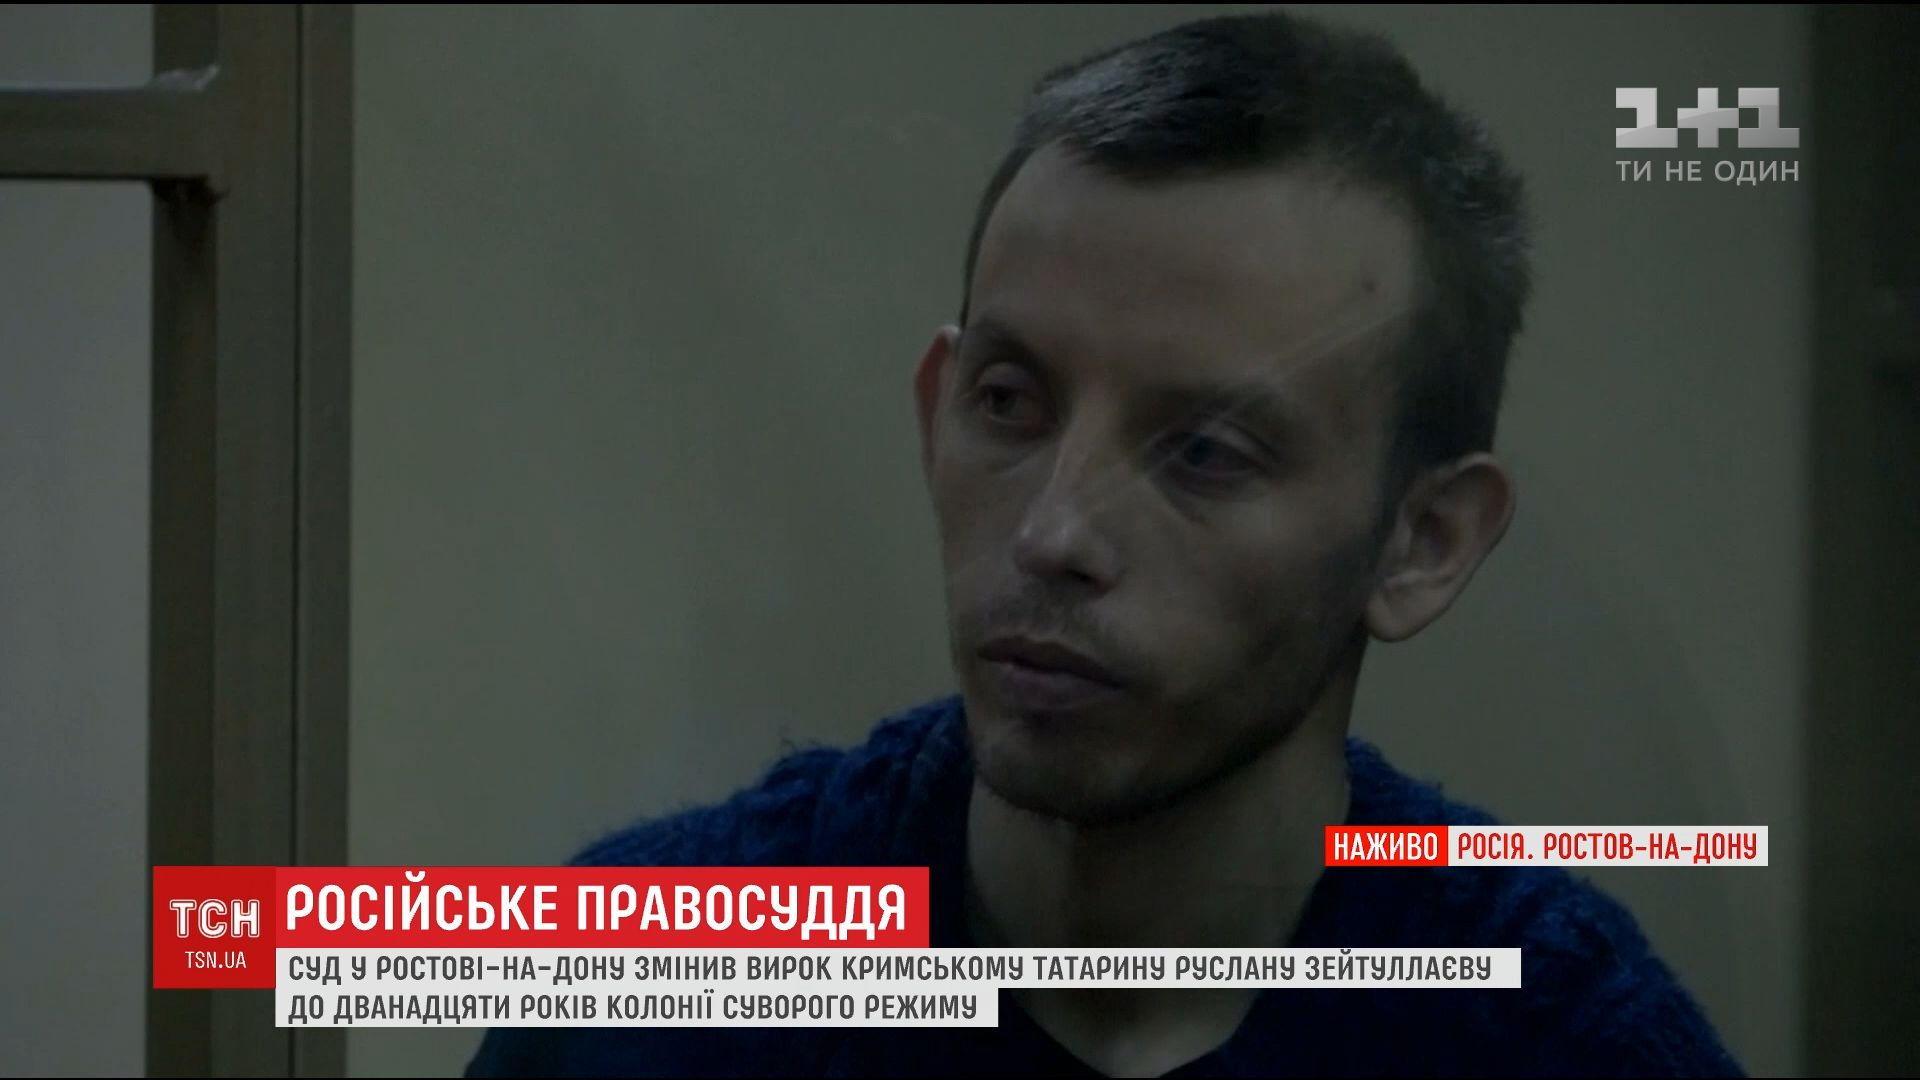 Зейтуллаєв стал еще дальше от Родины / Кадр из видео ТСН